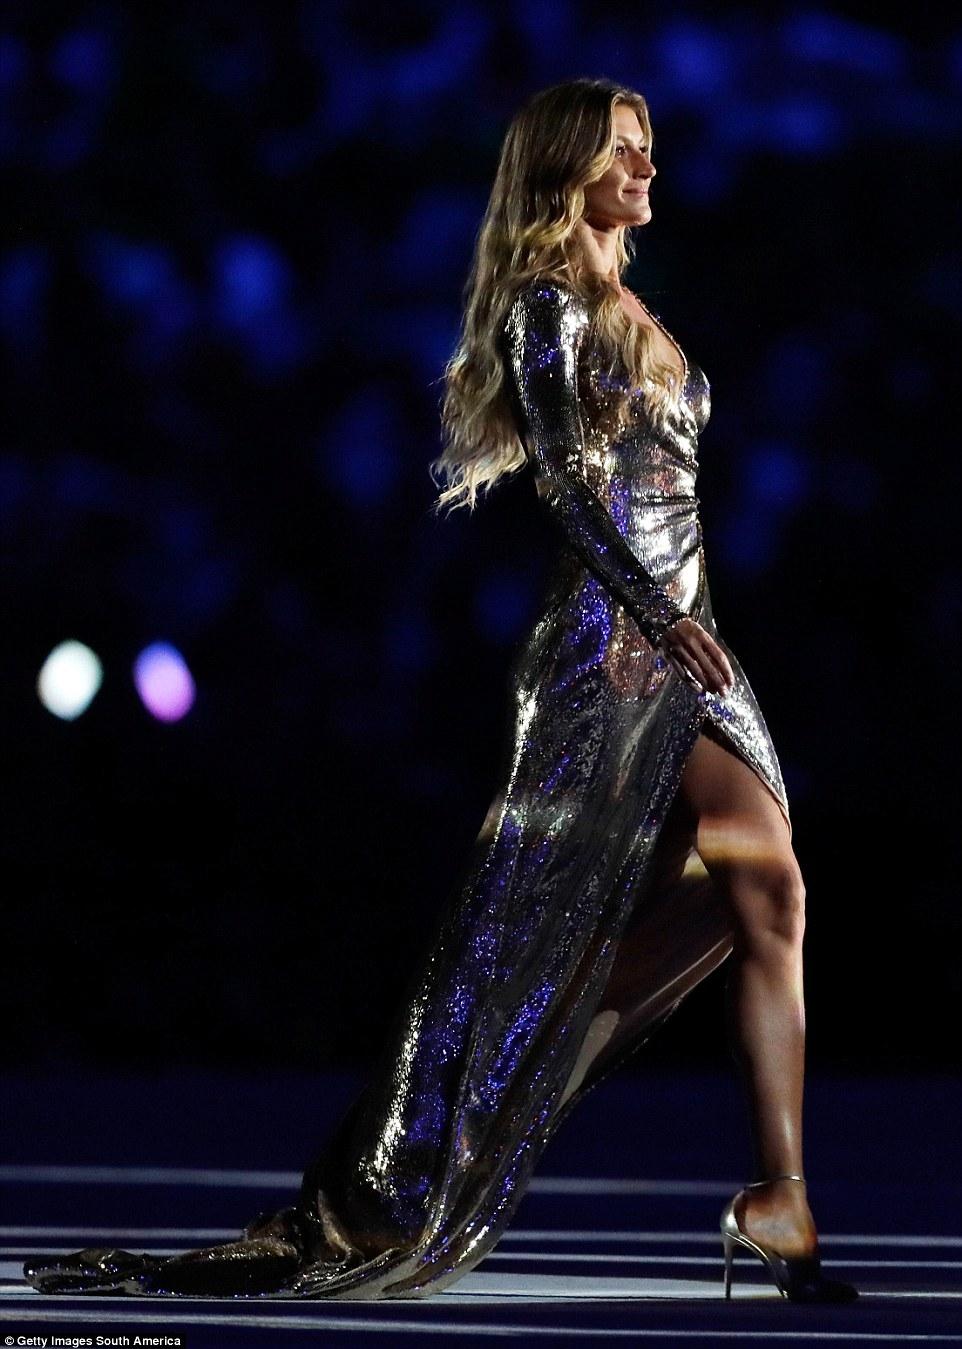 氣場太強!巴西超模吉賽兒亮相約奧運開幕式